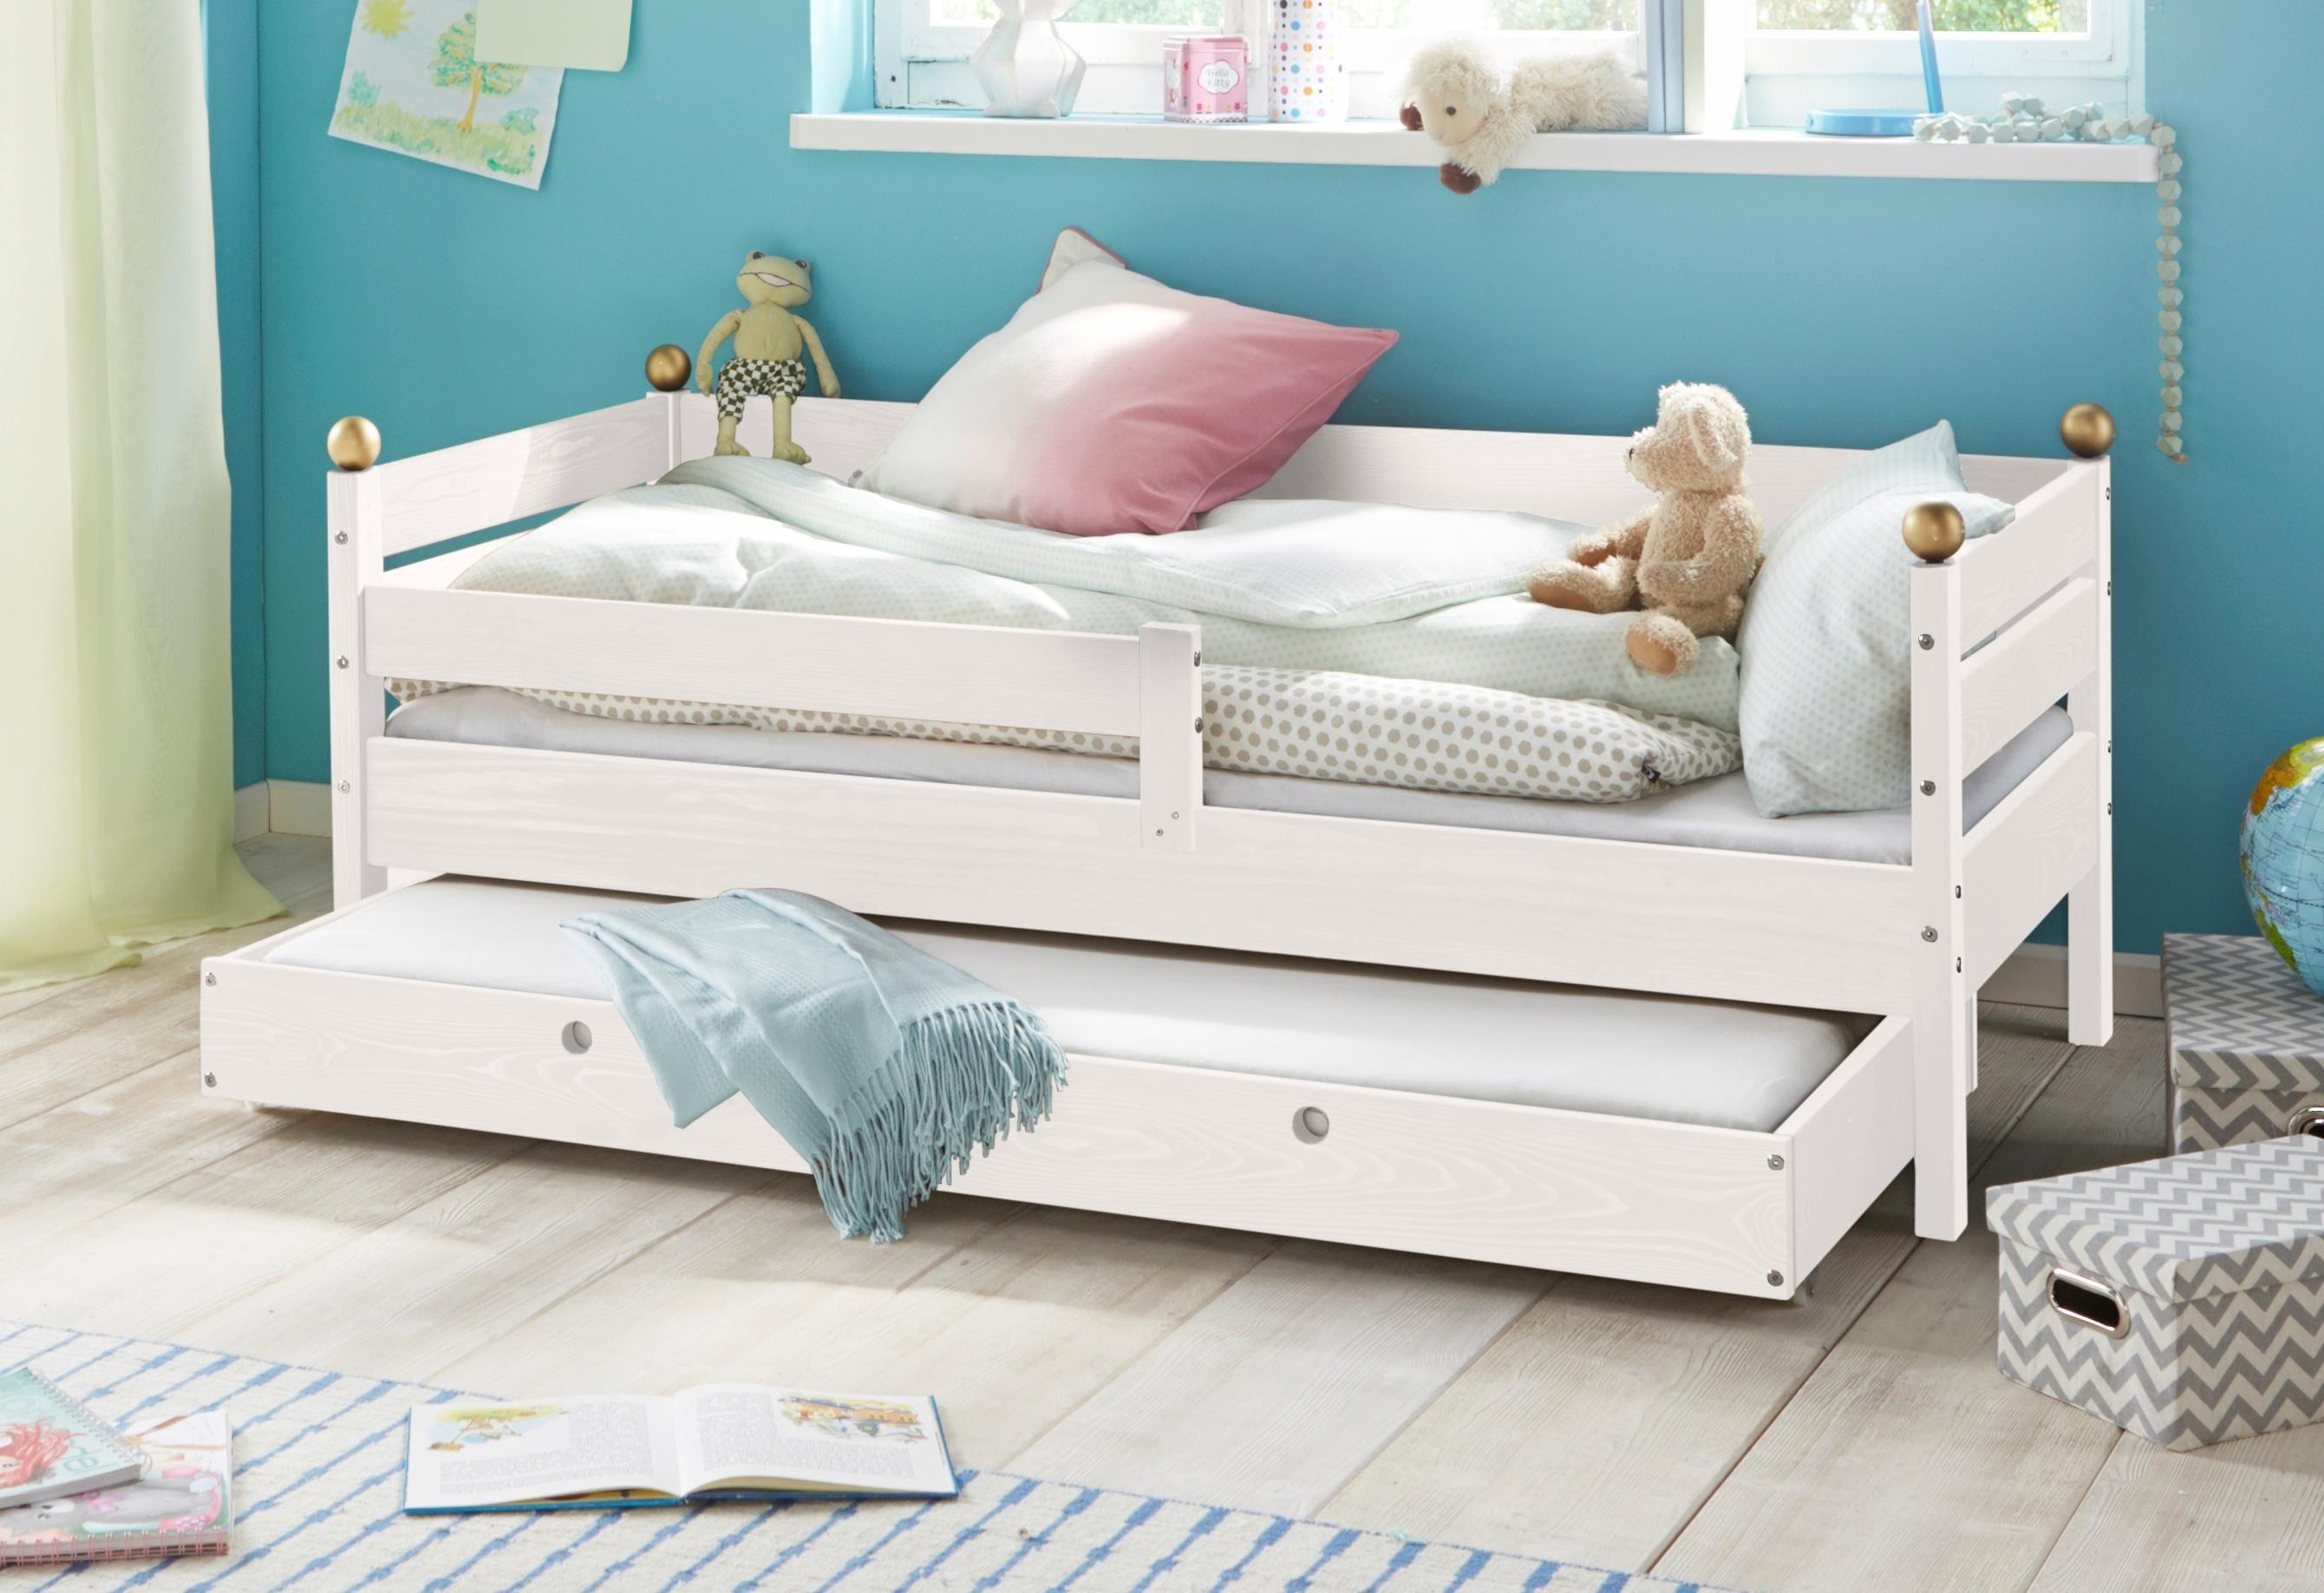 xora Kinderbetten online kaufen | Möbel-Suchmaschine | ladendirekt.de